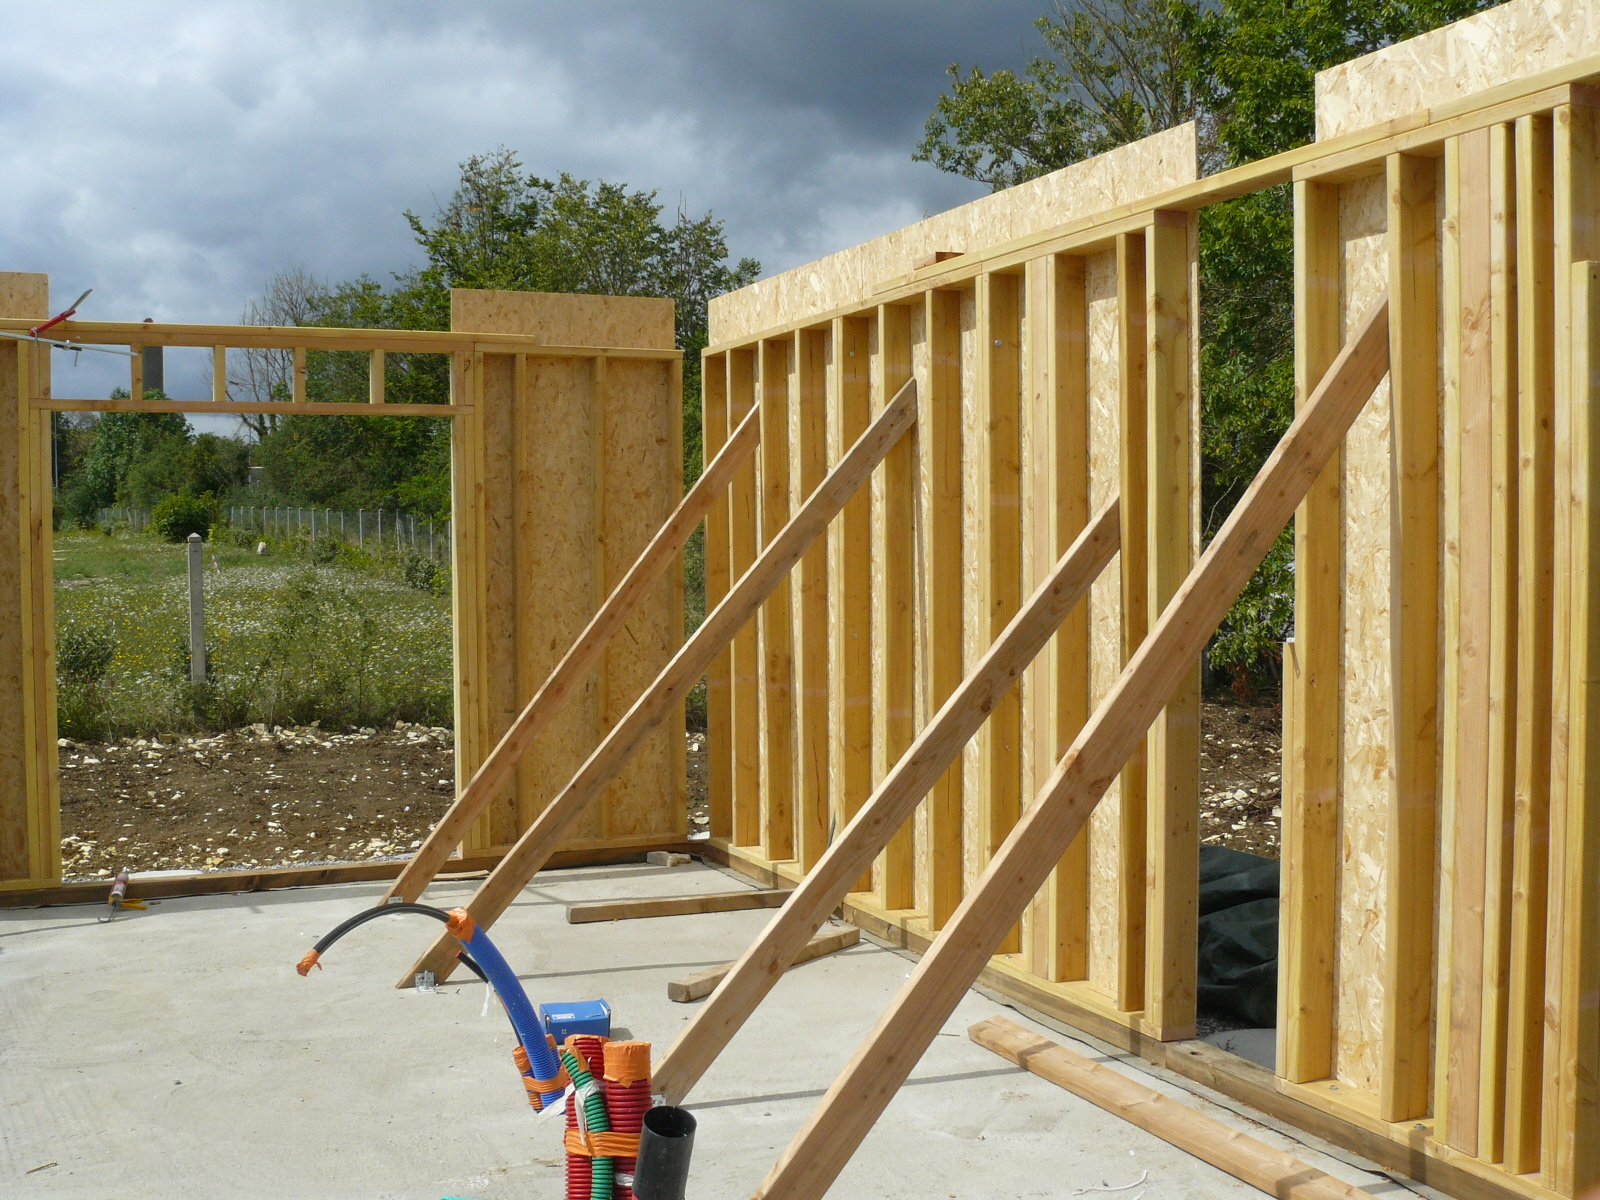 Fazele constructive ale unei case din lemn la cheie NATURAL LIVING - Poza 13